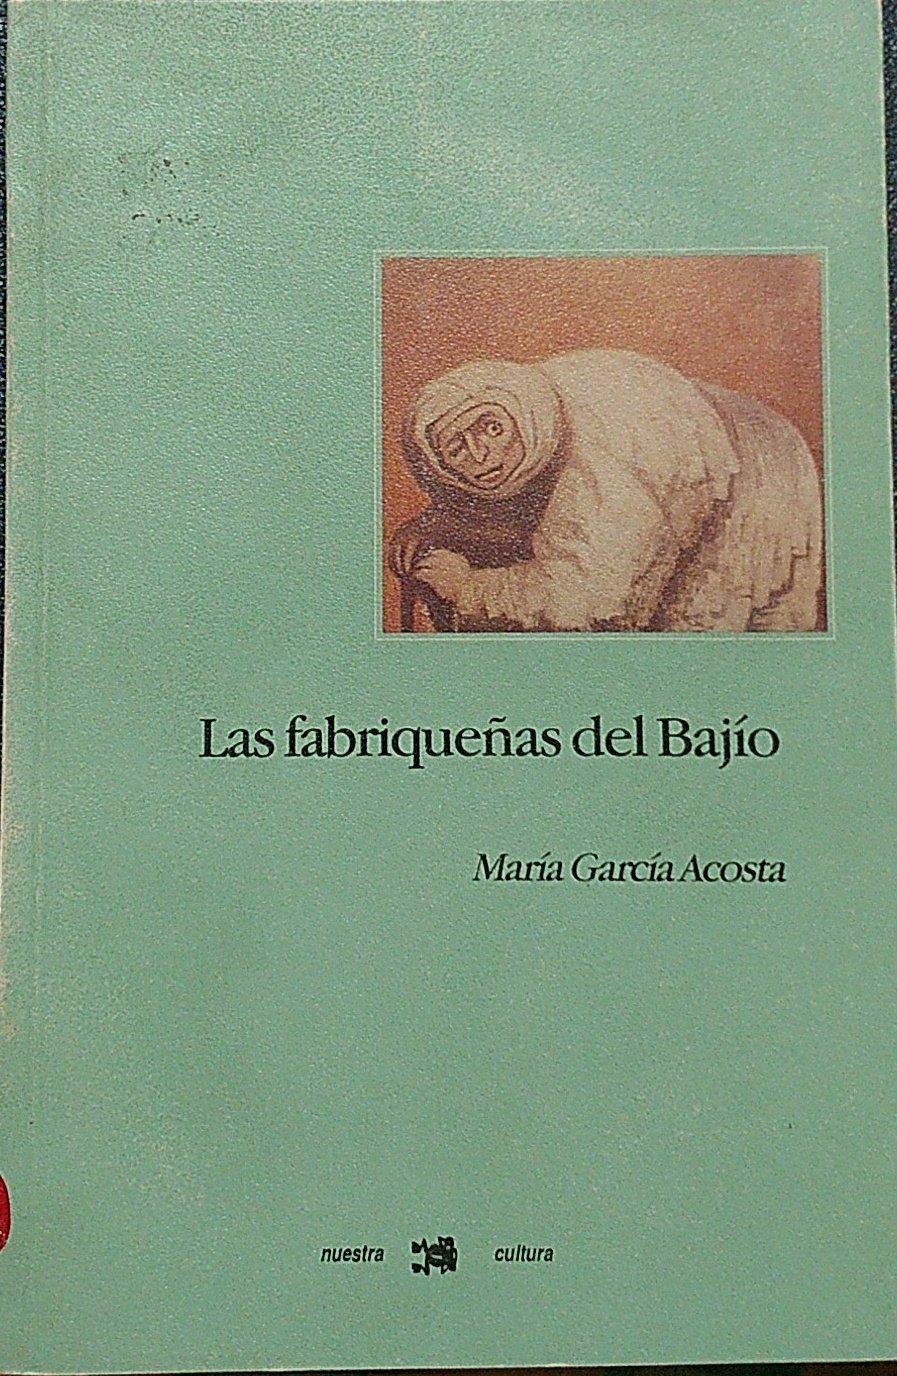 17._Las_fabriqueñas_del_Bajío